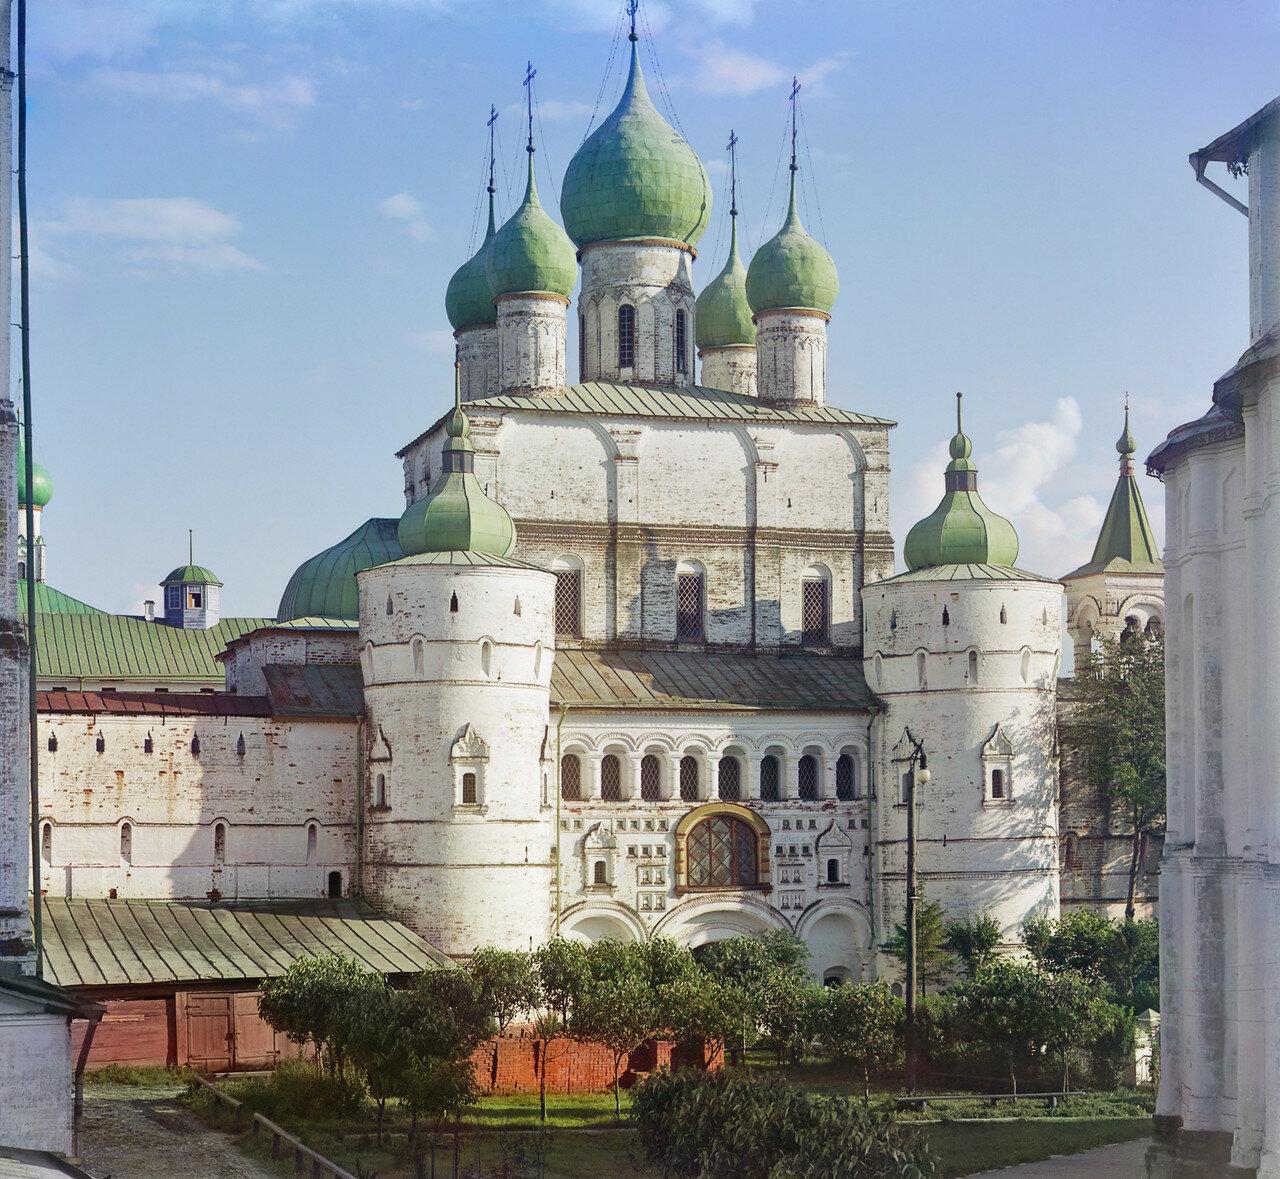 Кремль. Церковь Воскресения Христова в Кремле